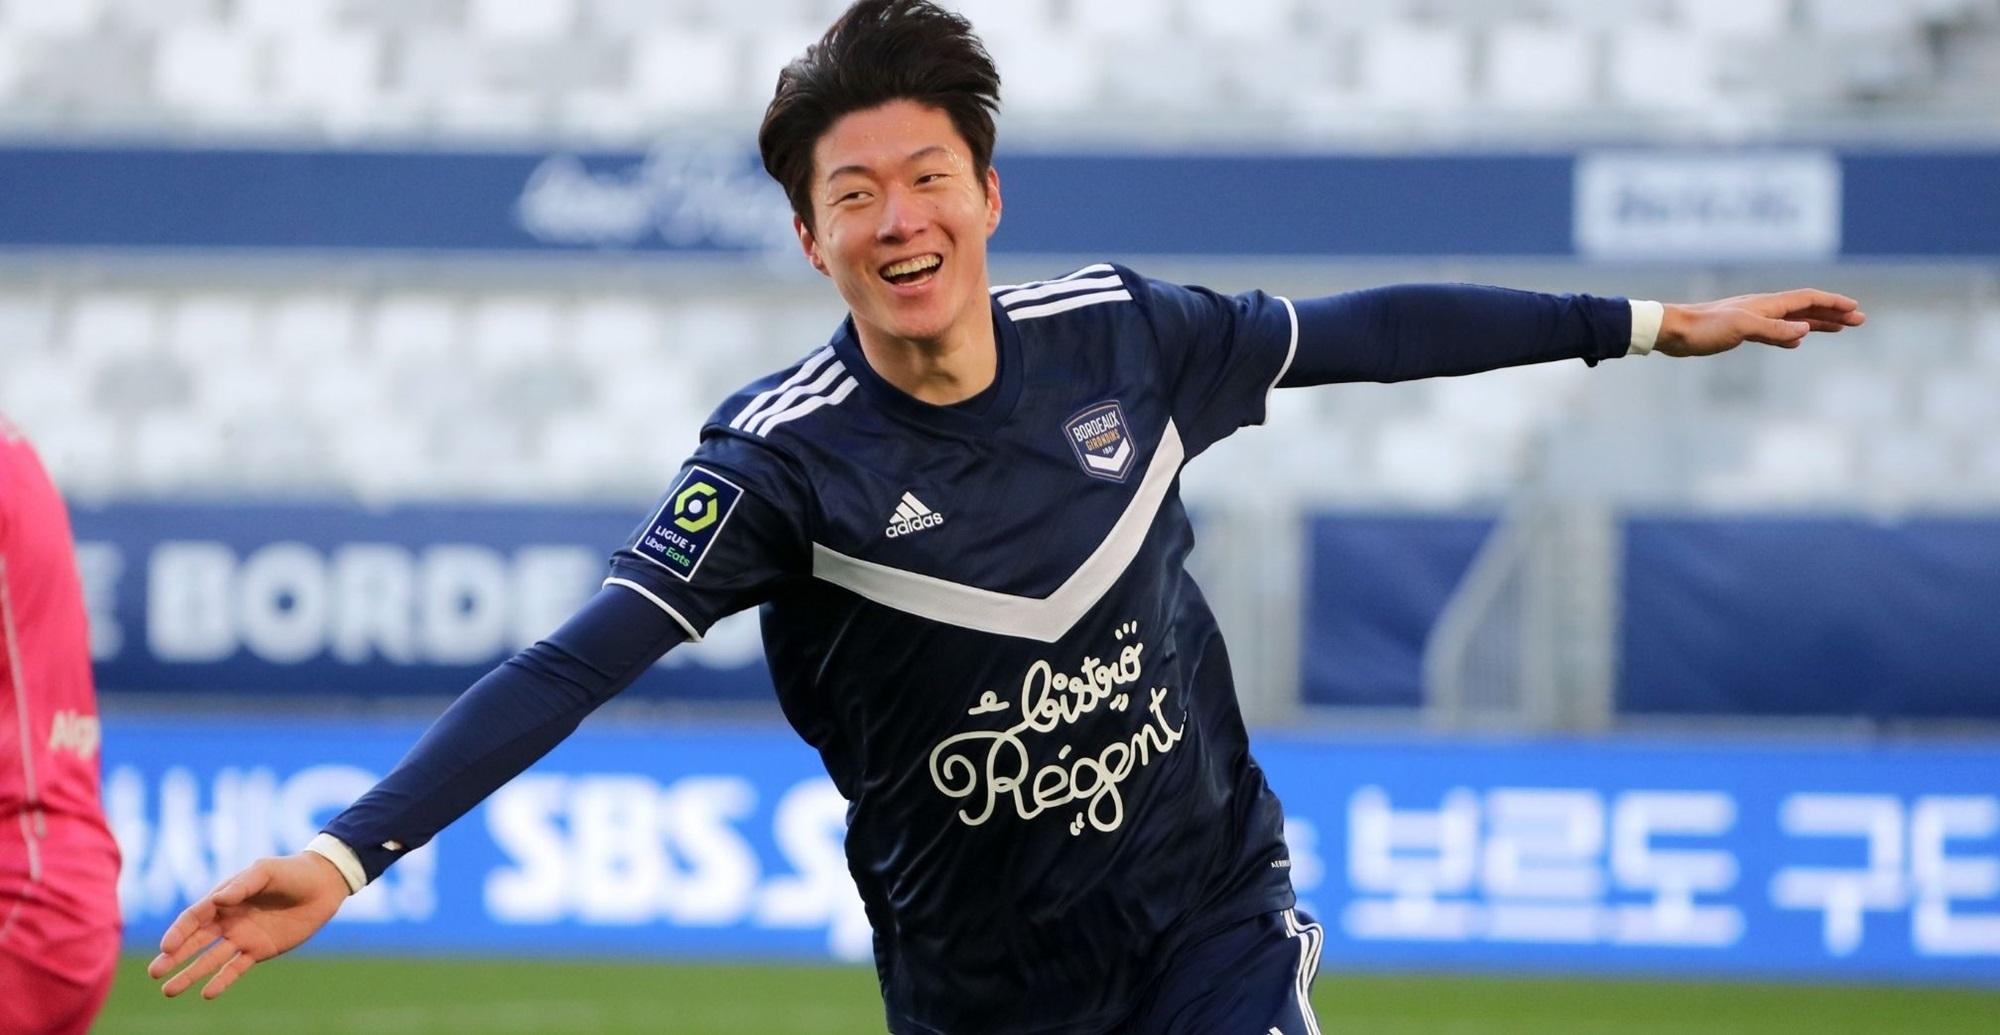 21 футболист, за которым стоит следить в Токио-2020